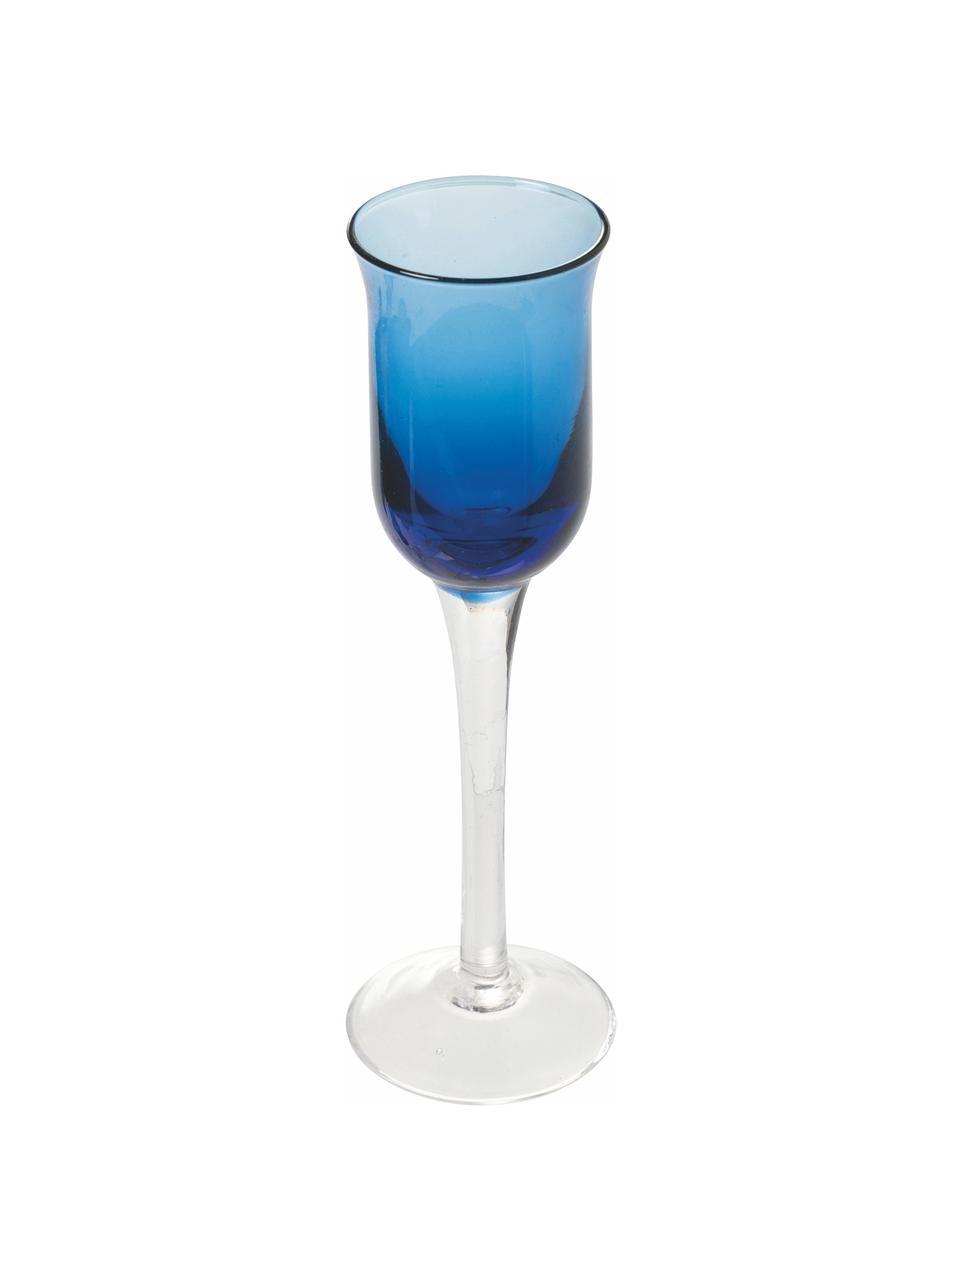 Likörgläser Chupos, 6er-Set, Glas, Blau, Transparent, Ø 5 x H 16 cm